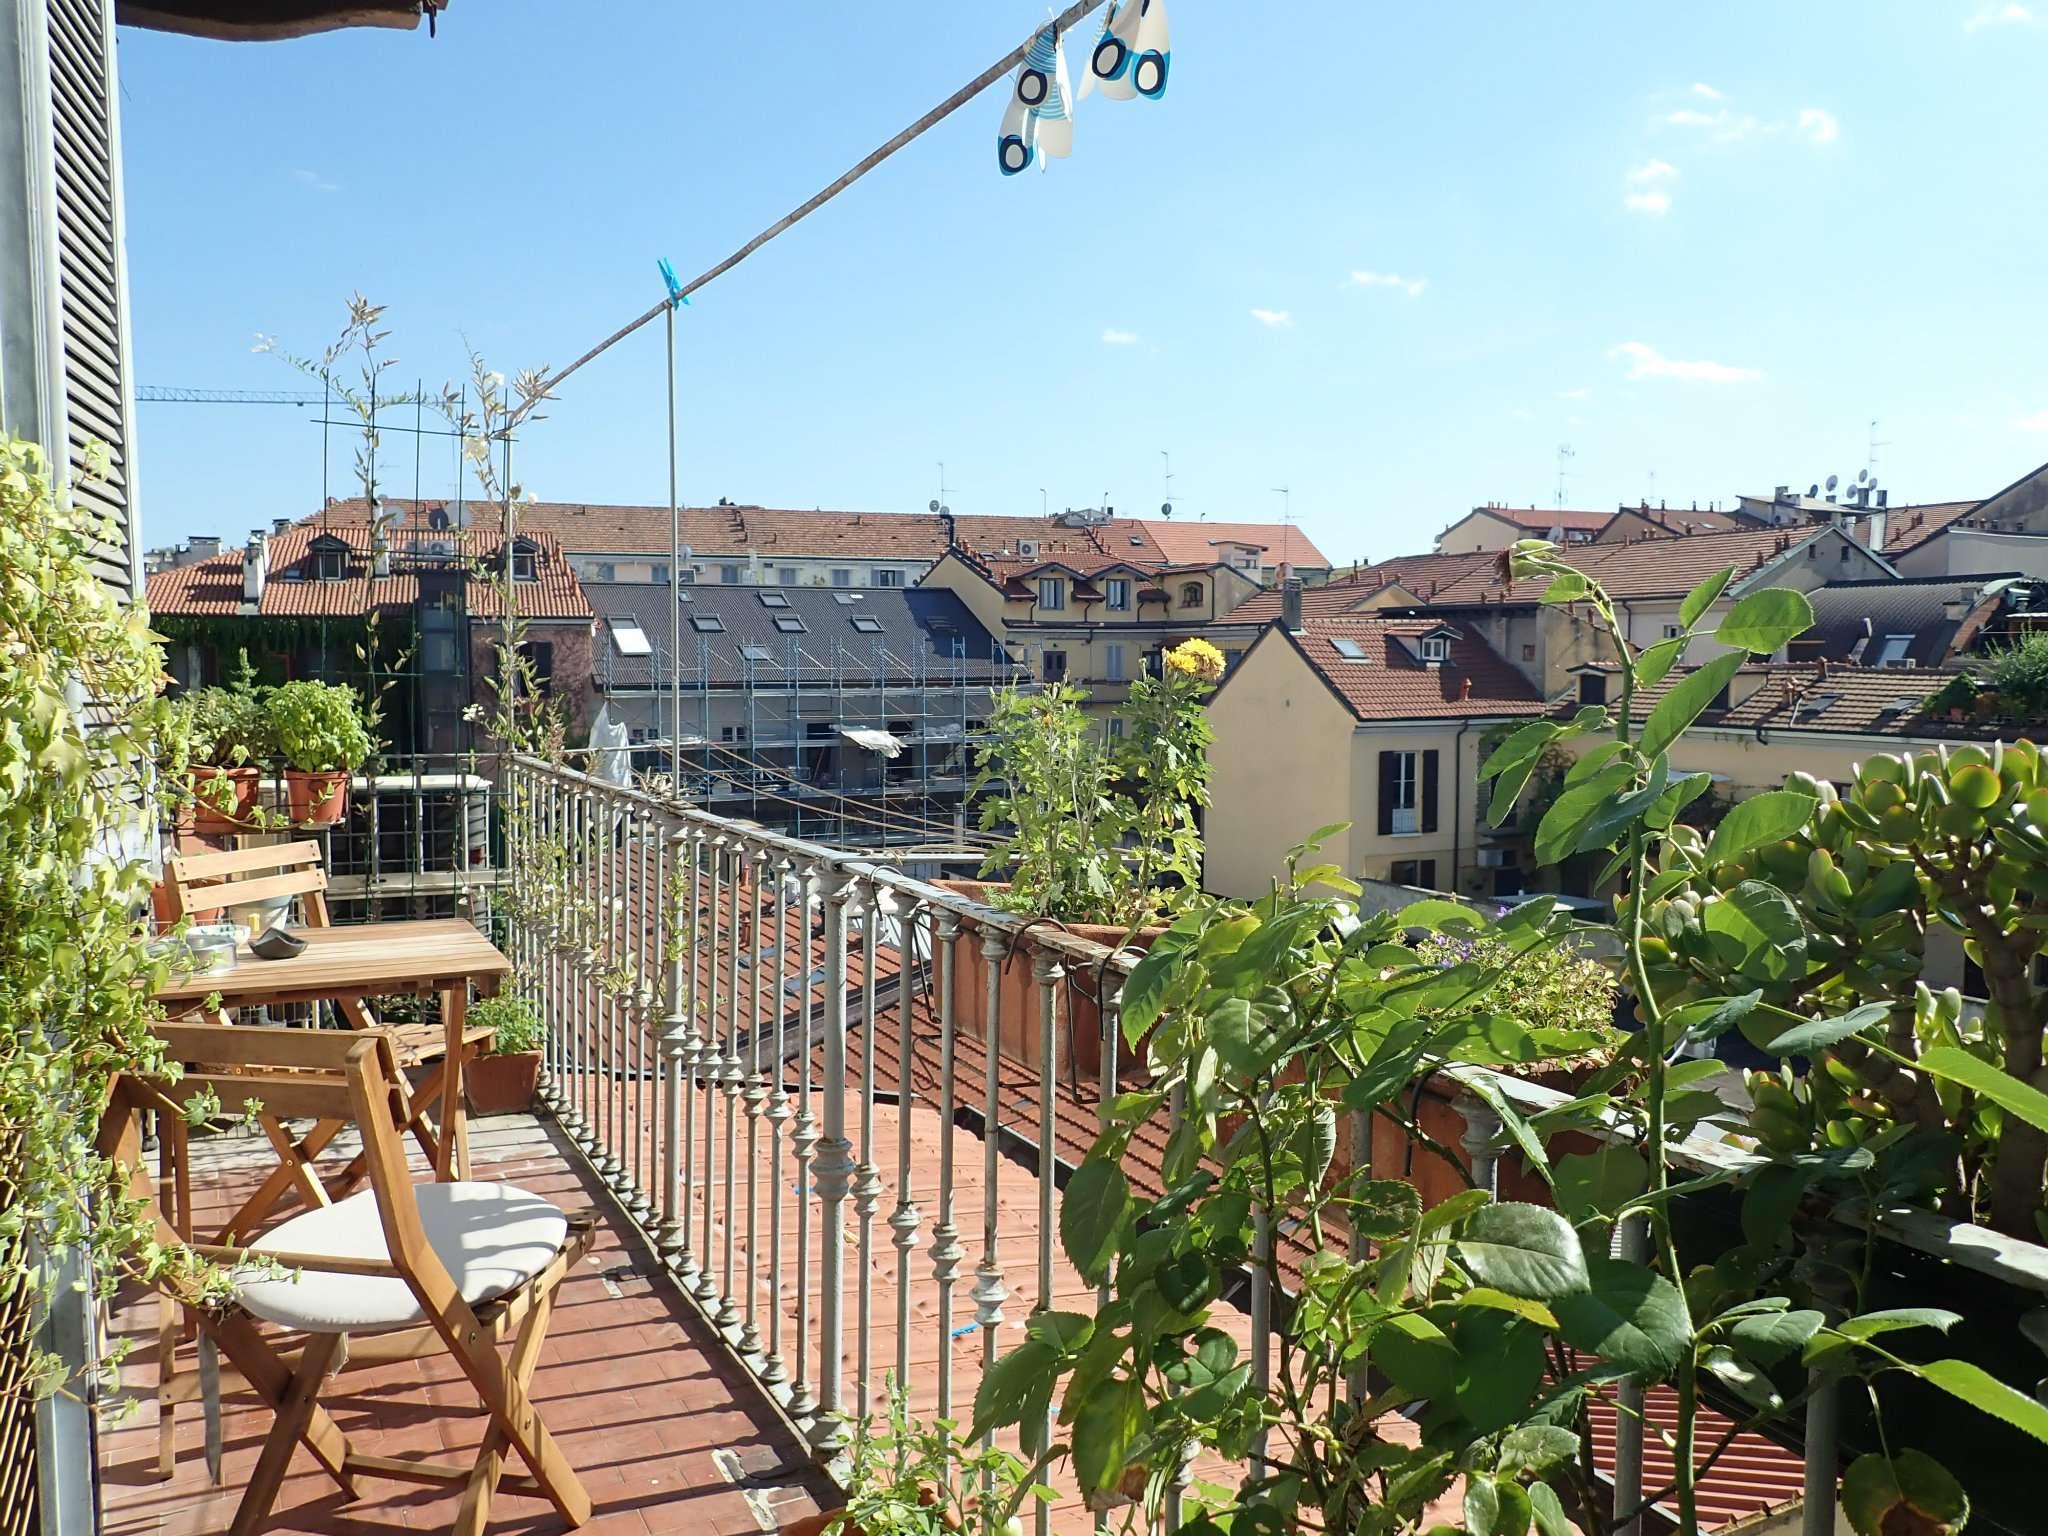 Appartamento in Vendita a Milano 01 Centro storico (Cerchia dei Navigli):  3 locali, 105 mq  - Foto 1